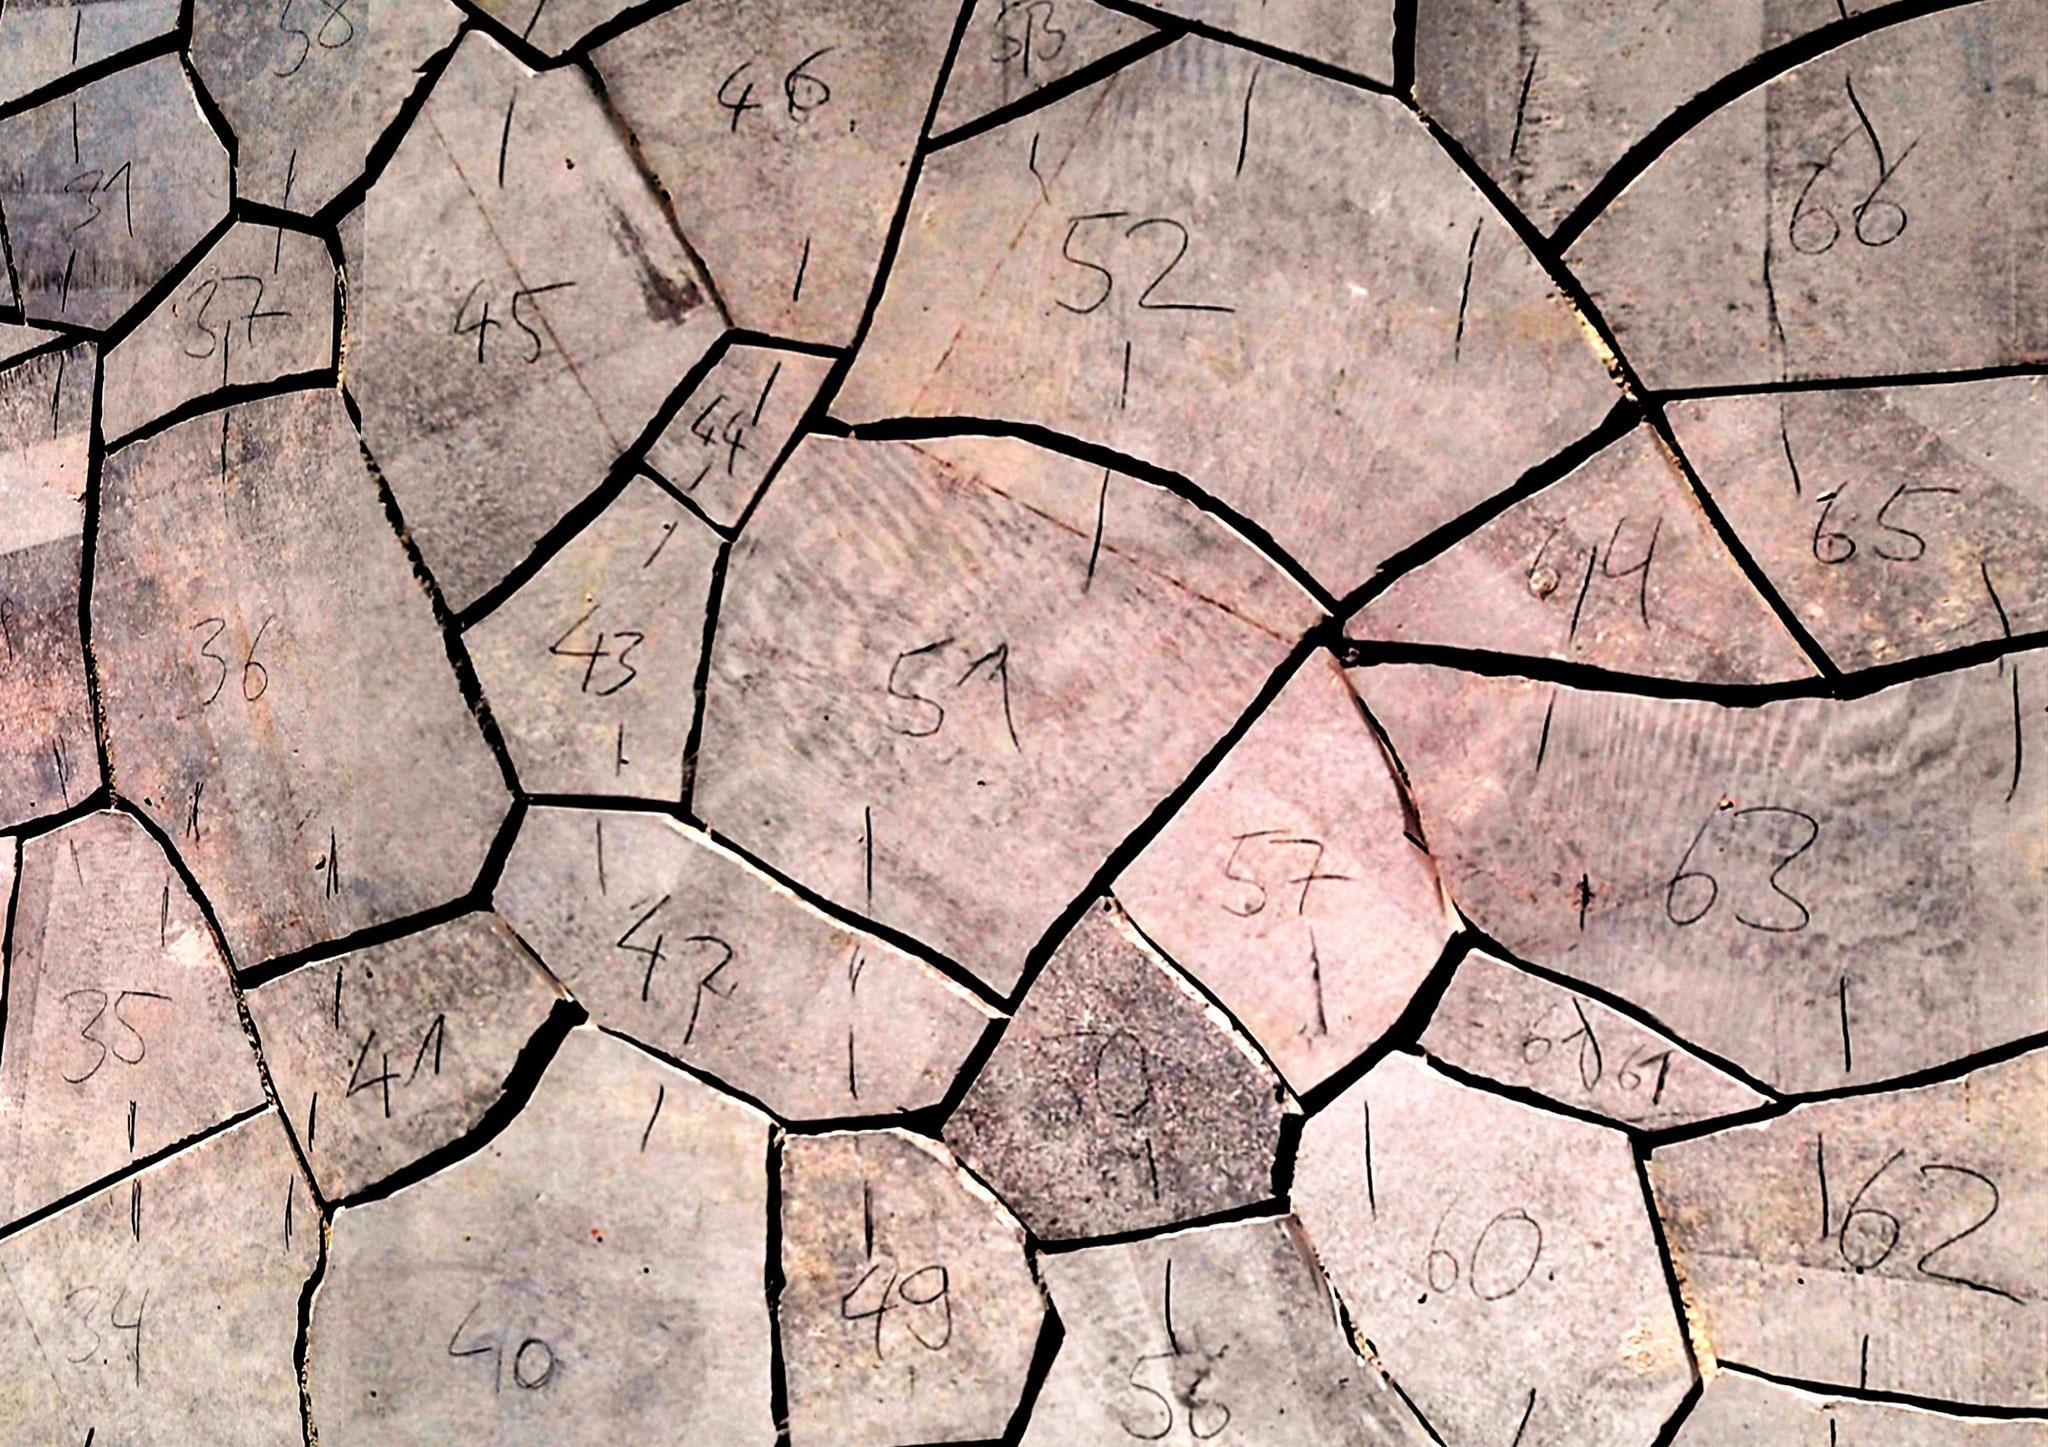 Polygonalplatten Verlegenummerierung